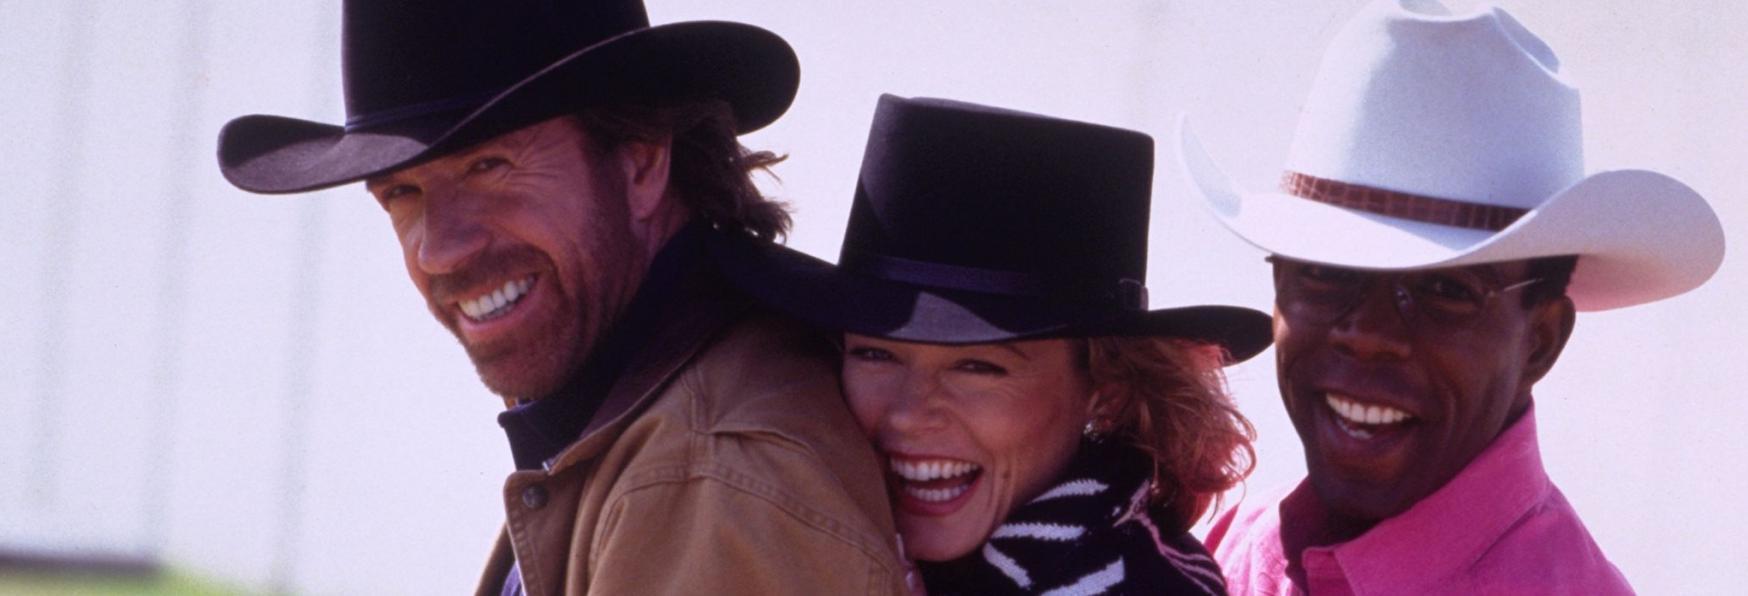 Old But Serial: Walker Texas Ranger e il mito di Chuck Norris